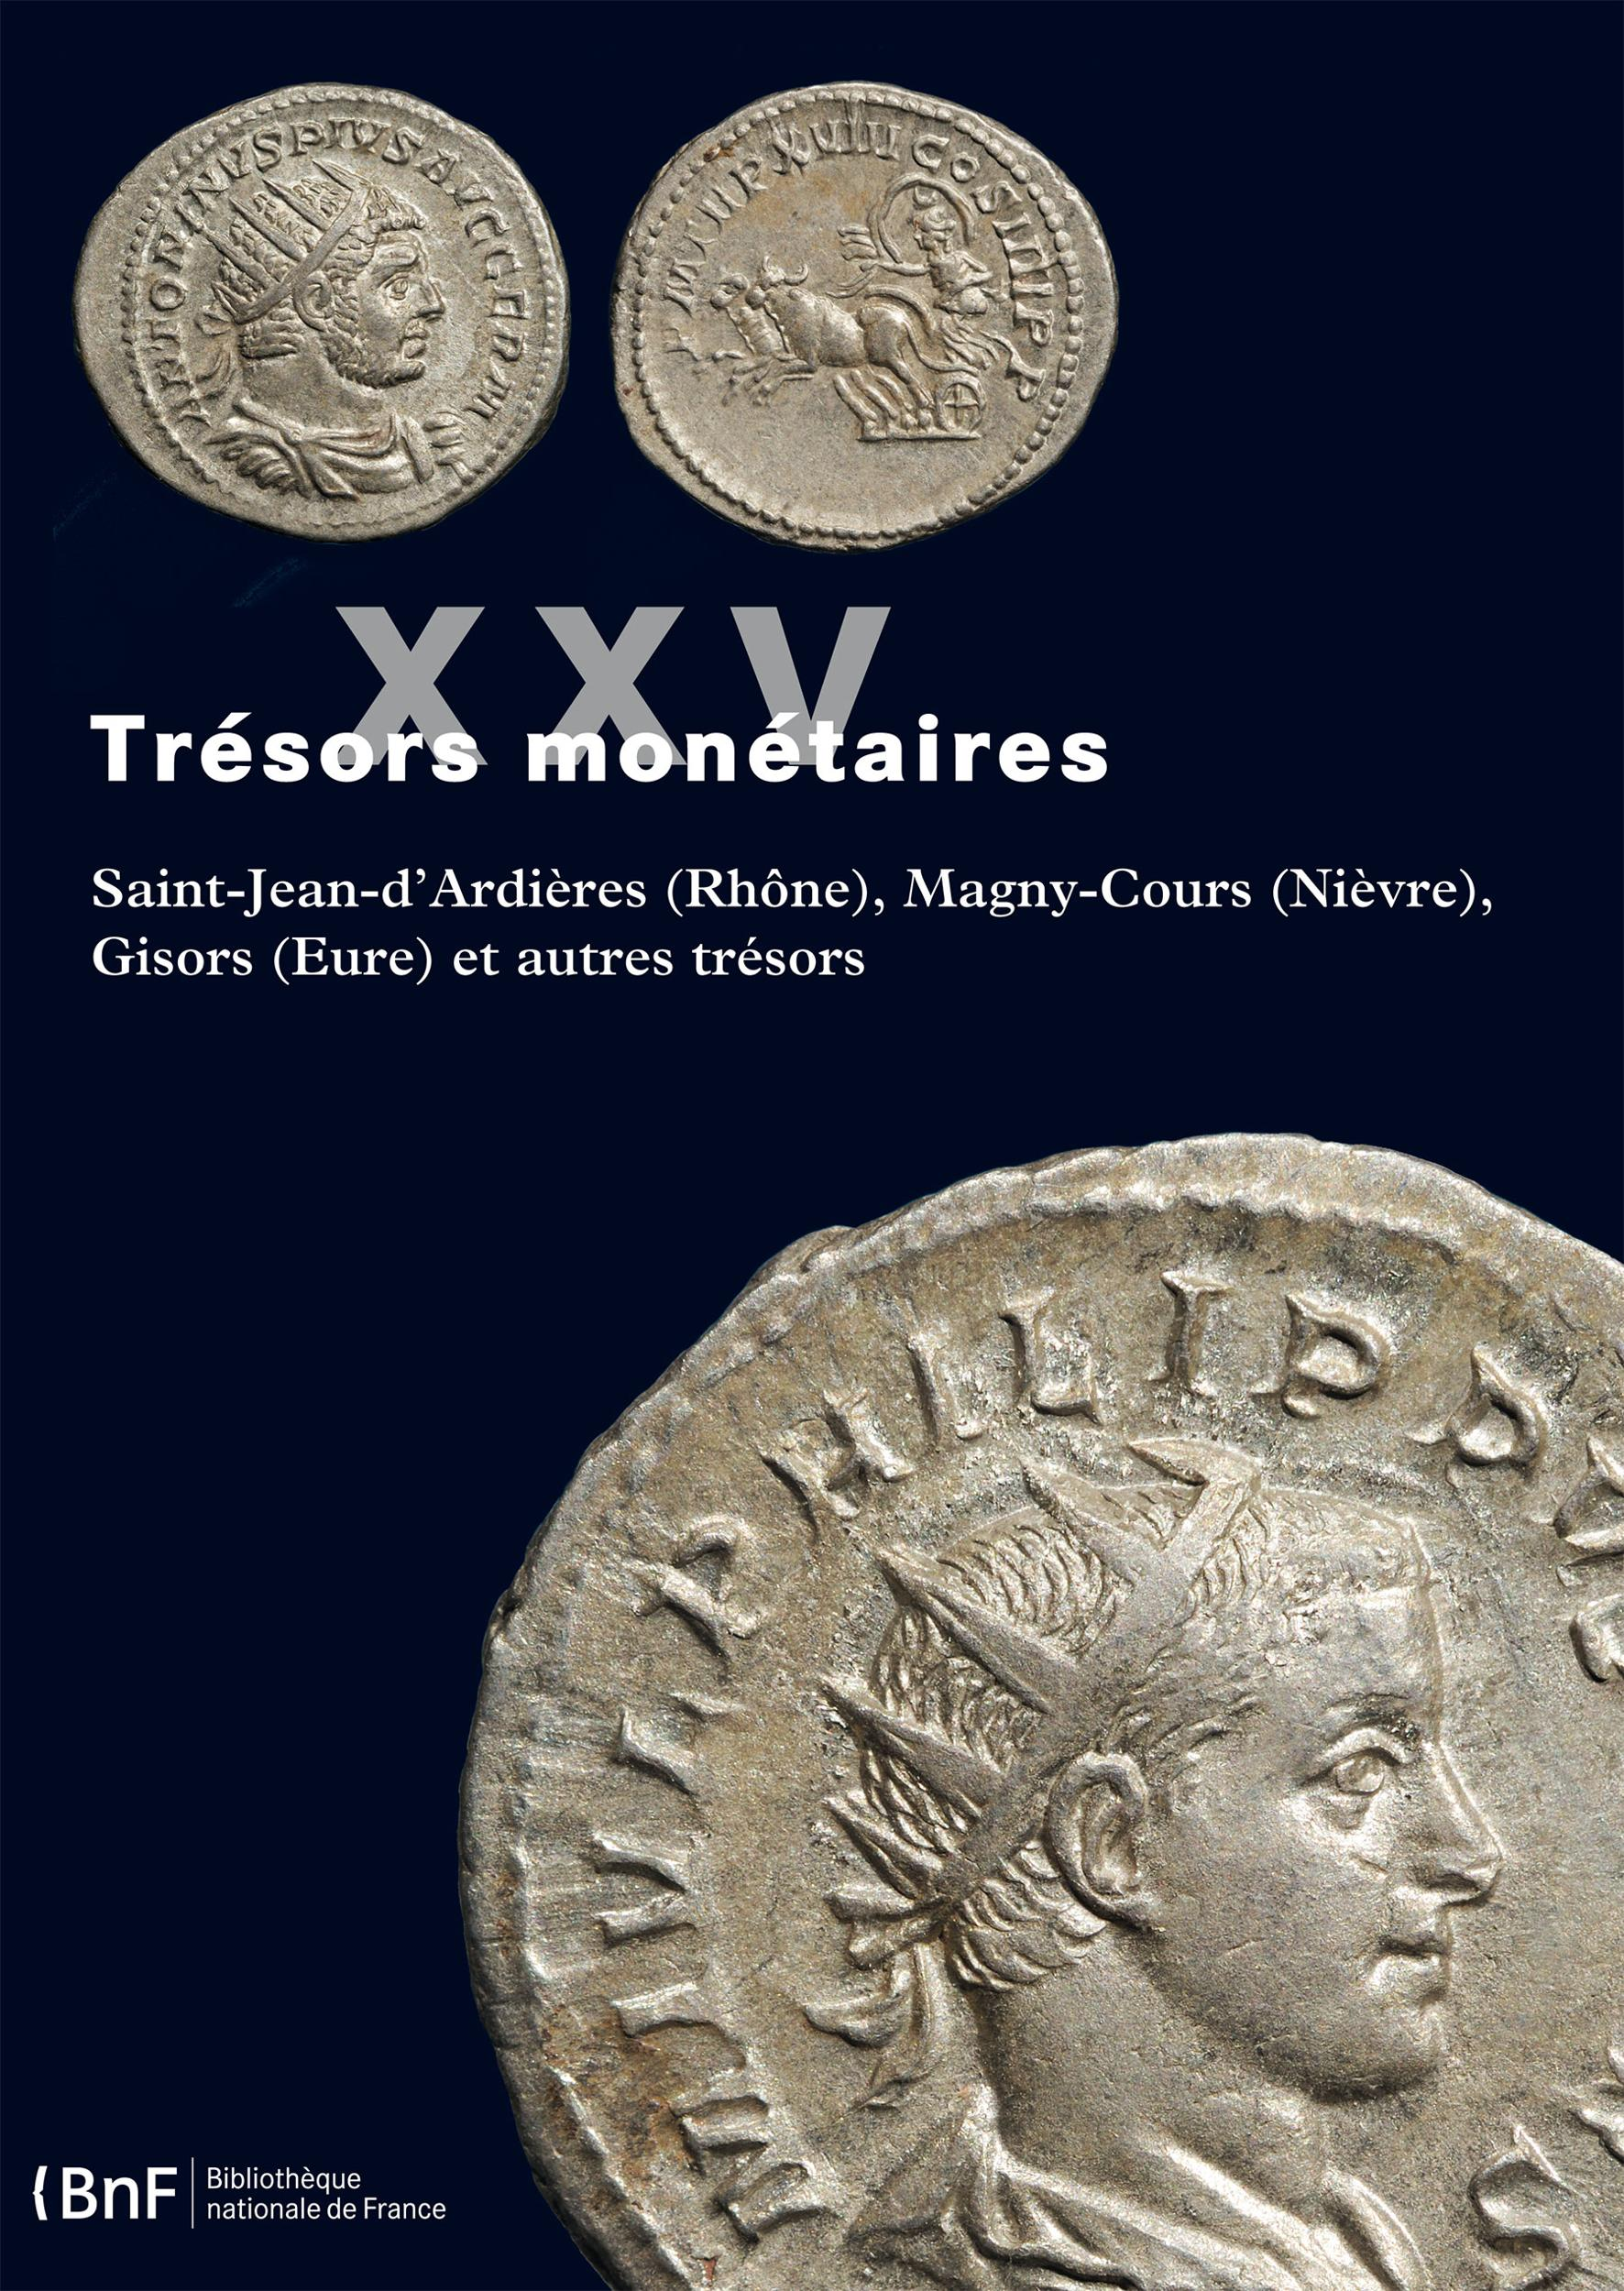 Trésors monétaires XXV, 2011-2012 | SAINT-JEAN-D'ARDIÈRES (RHÔNE), MAGNY-COURS (NIÈVRE), GISORS (EURE) ET ?AUTRES TRÉSORS